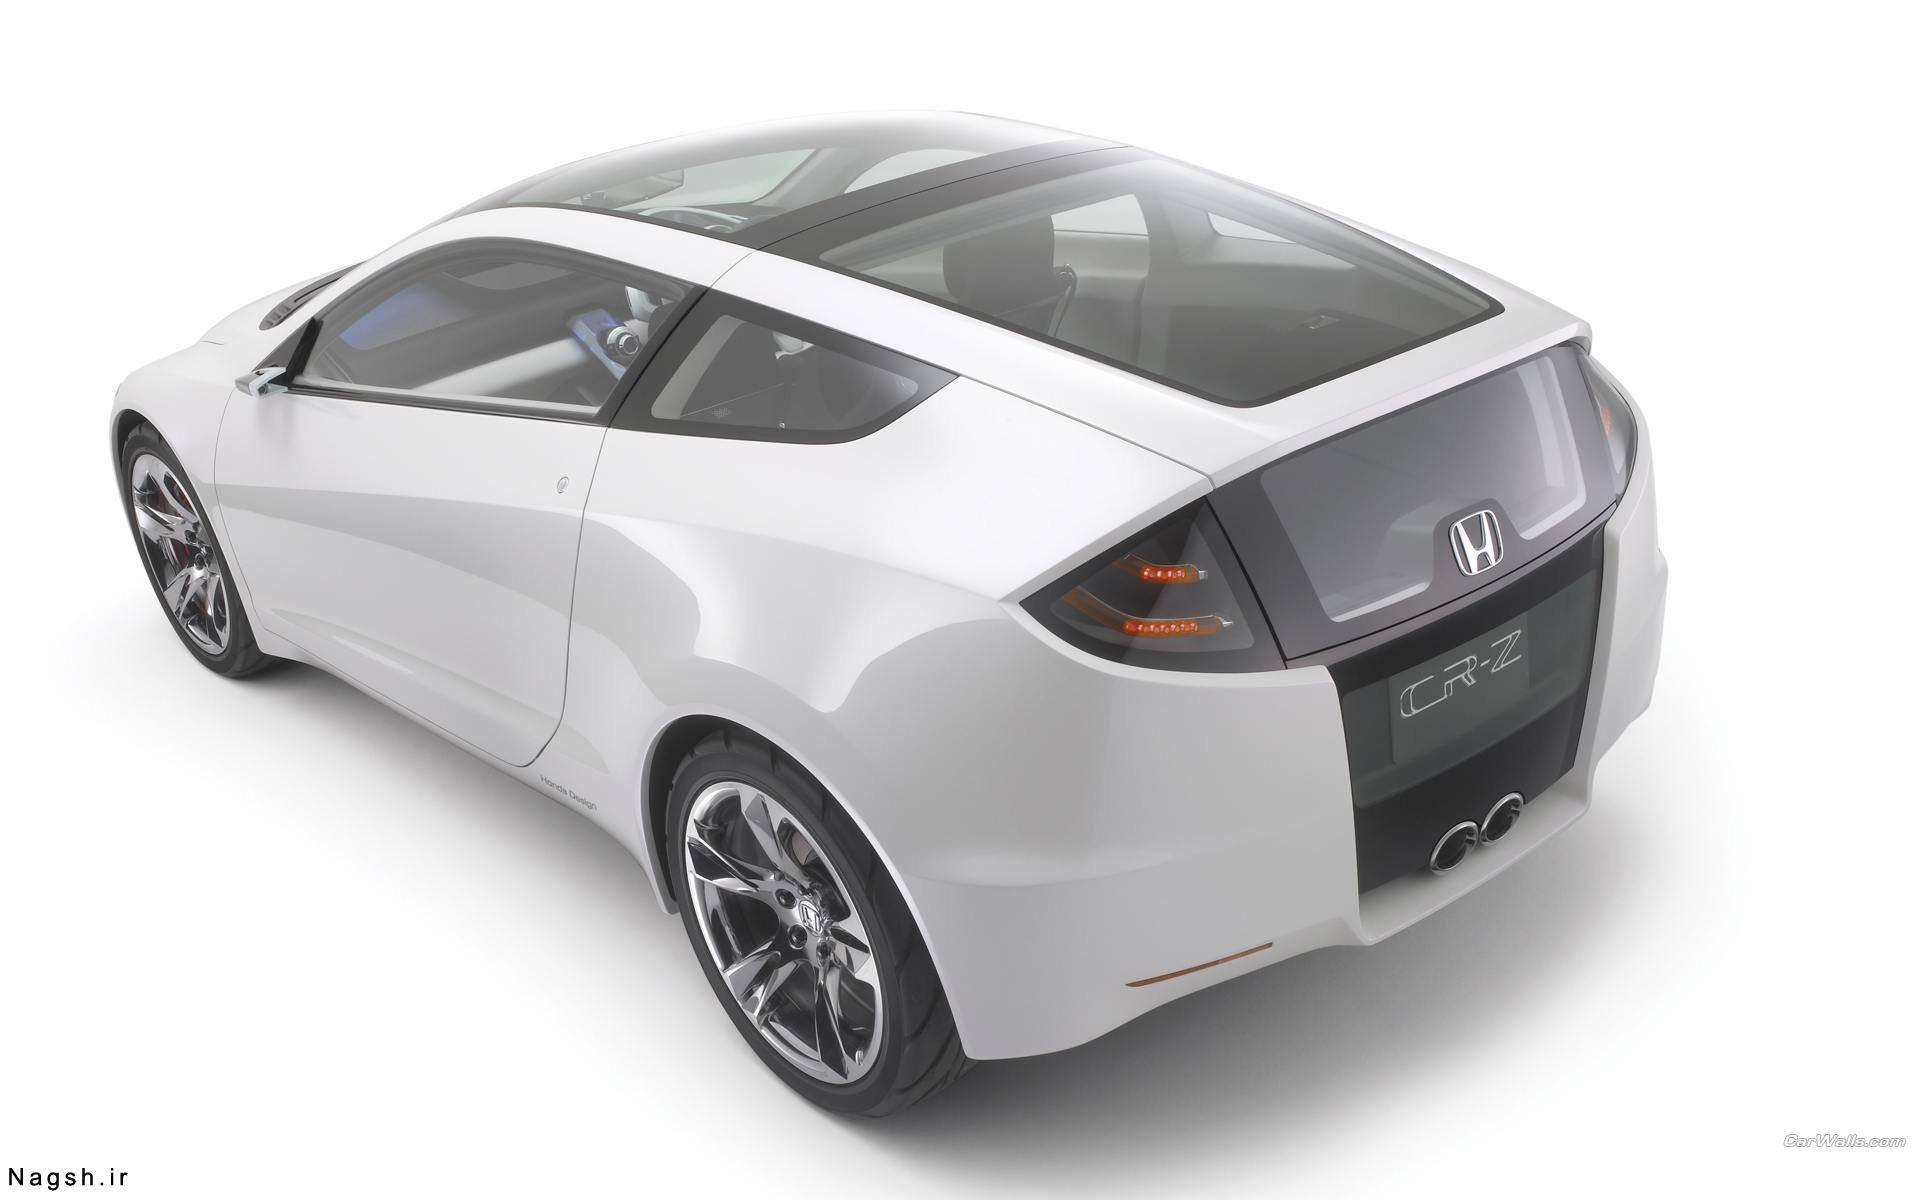 تصویر بک گراند سفید ماشین هوندا